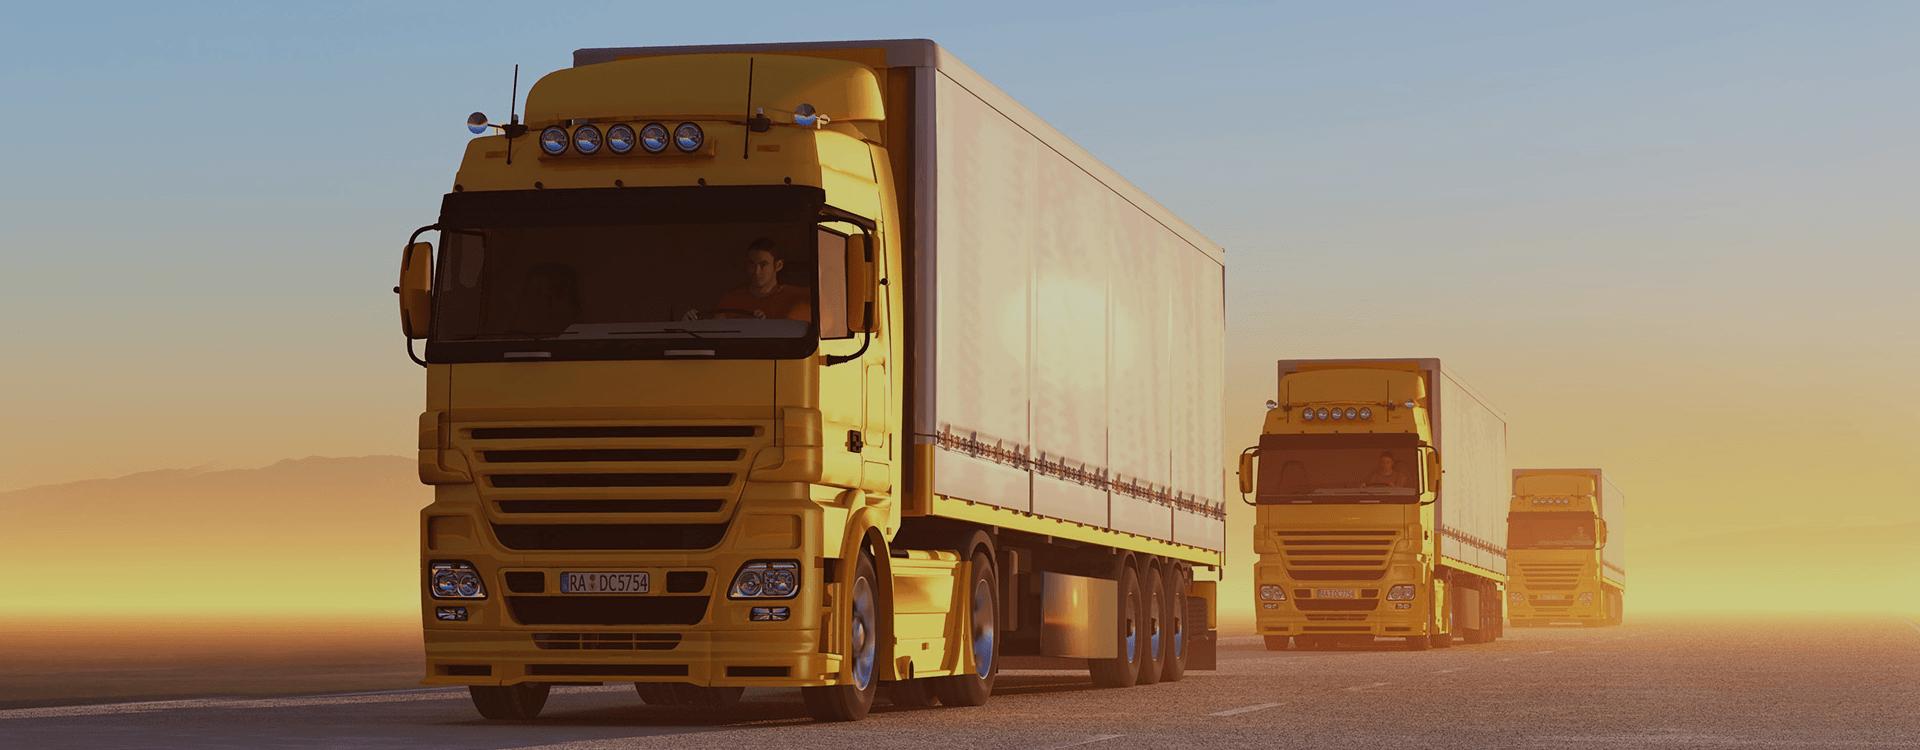 شرکت حمل و نقل بین المللی مایکو